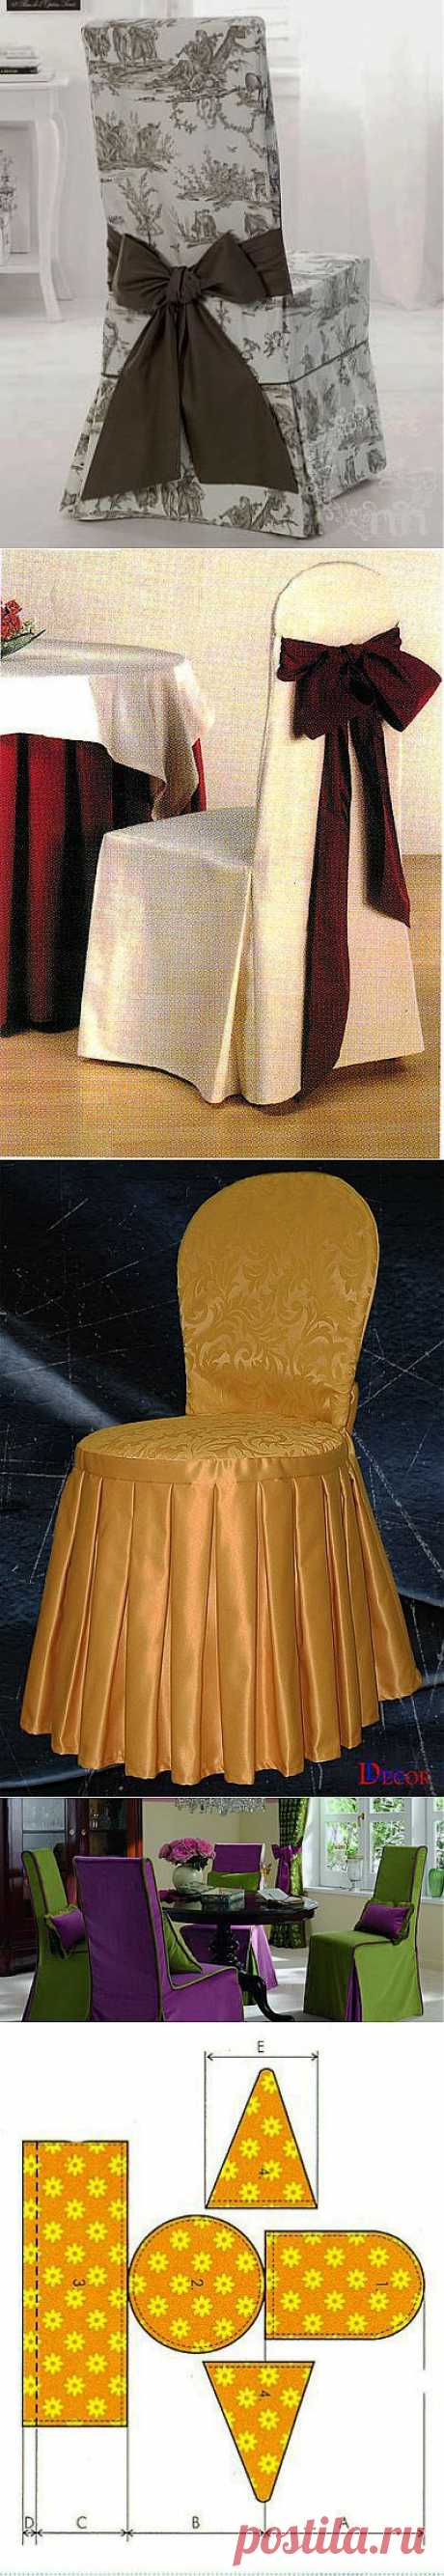 Чехлы на стулья..